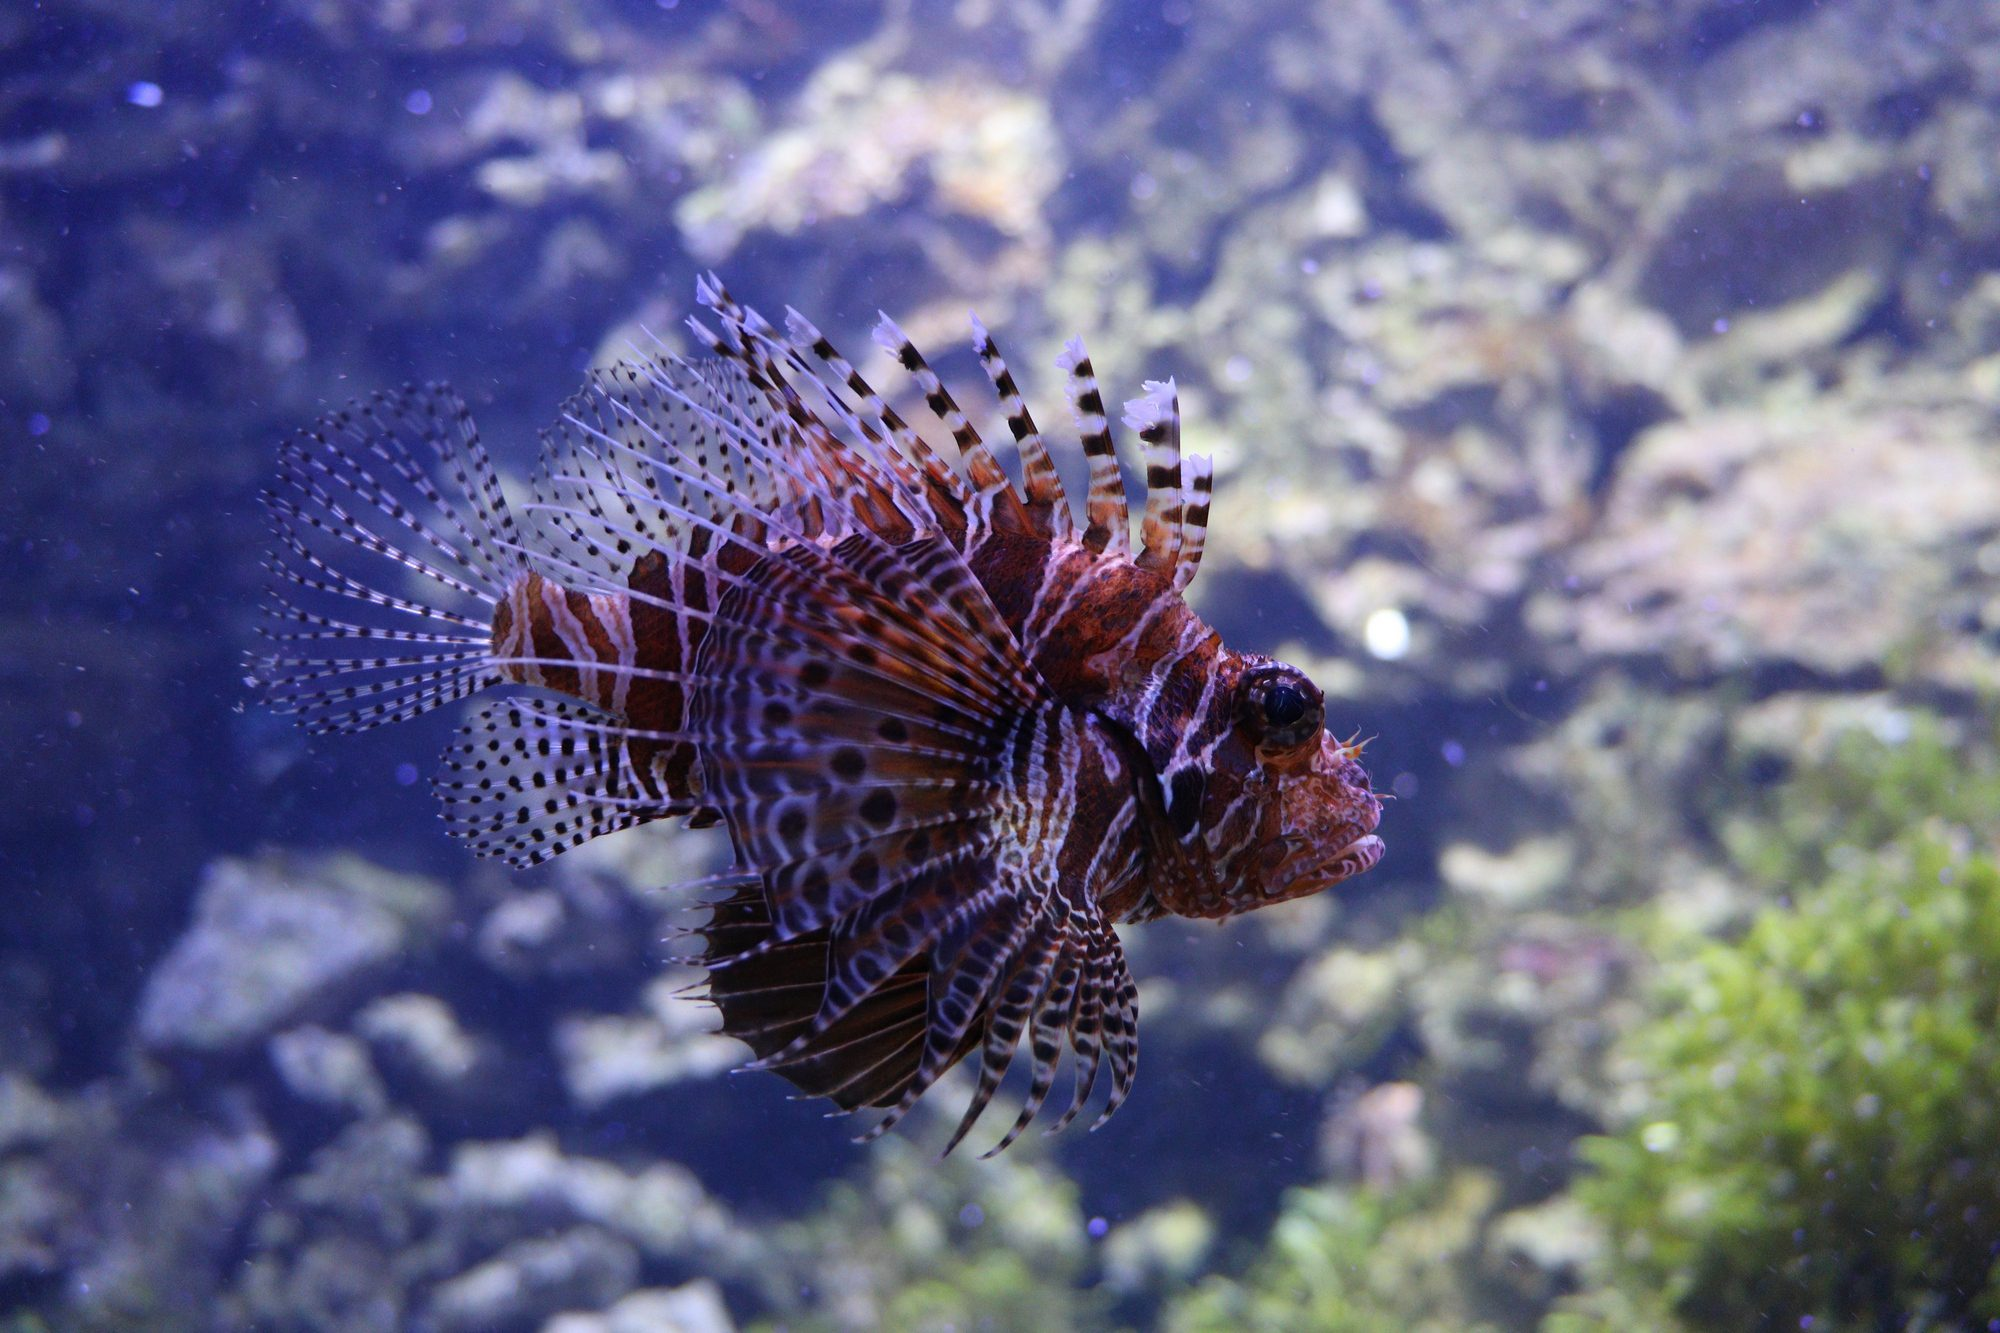 Rotfeuerfisch im Tierpark Hellabrunn